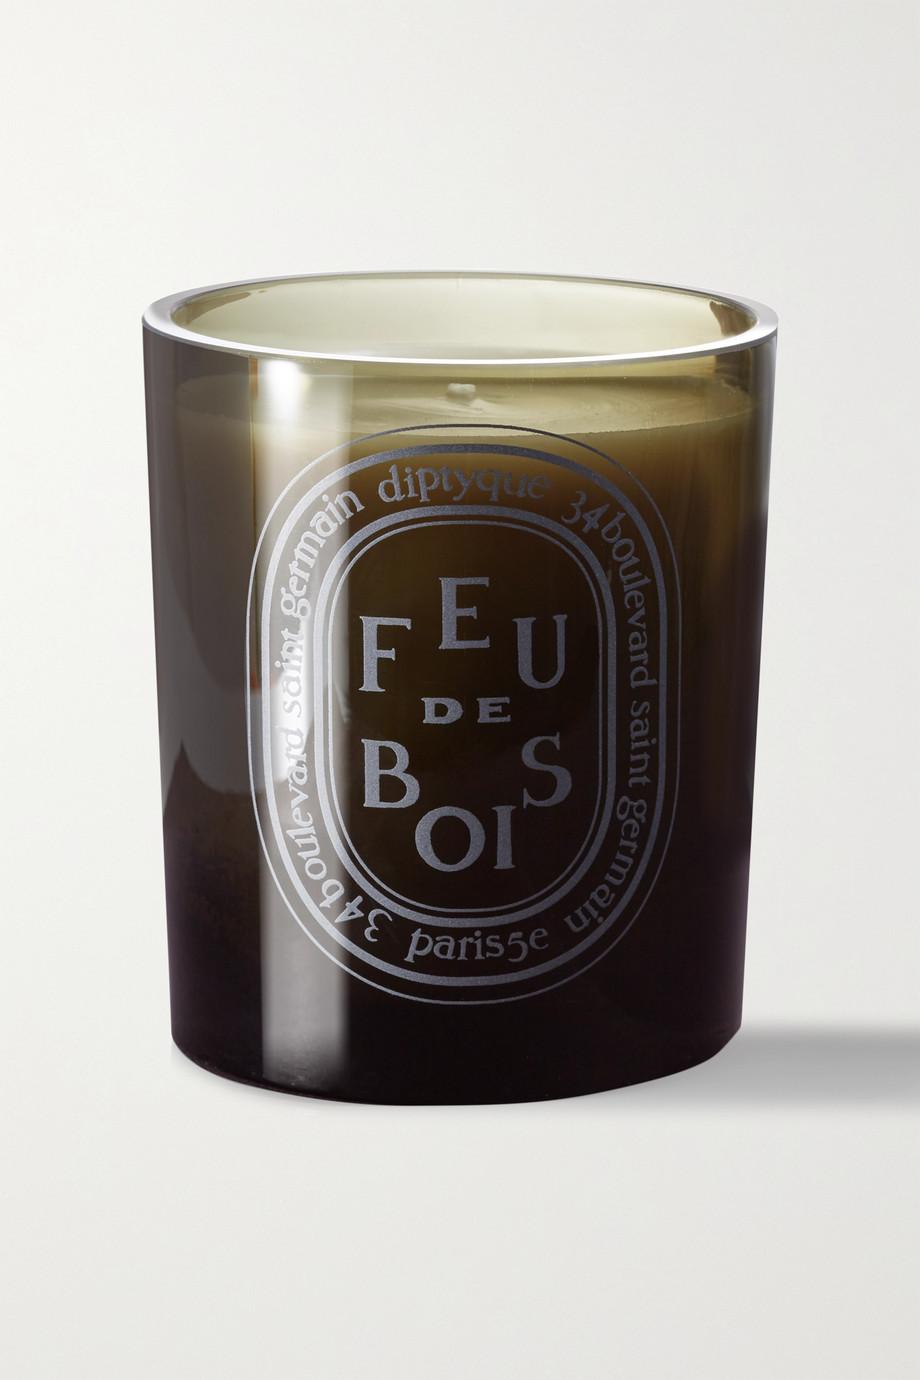 Diptyque Feu De Bois scented candle, 300g